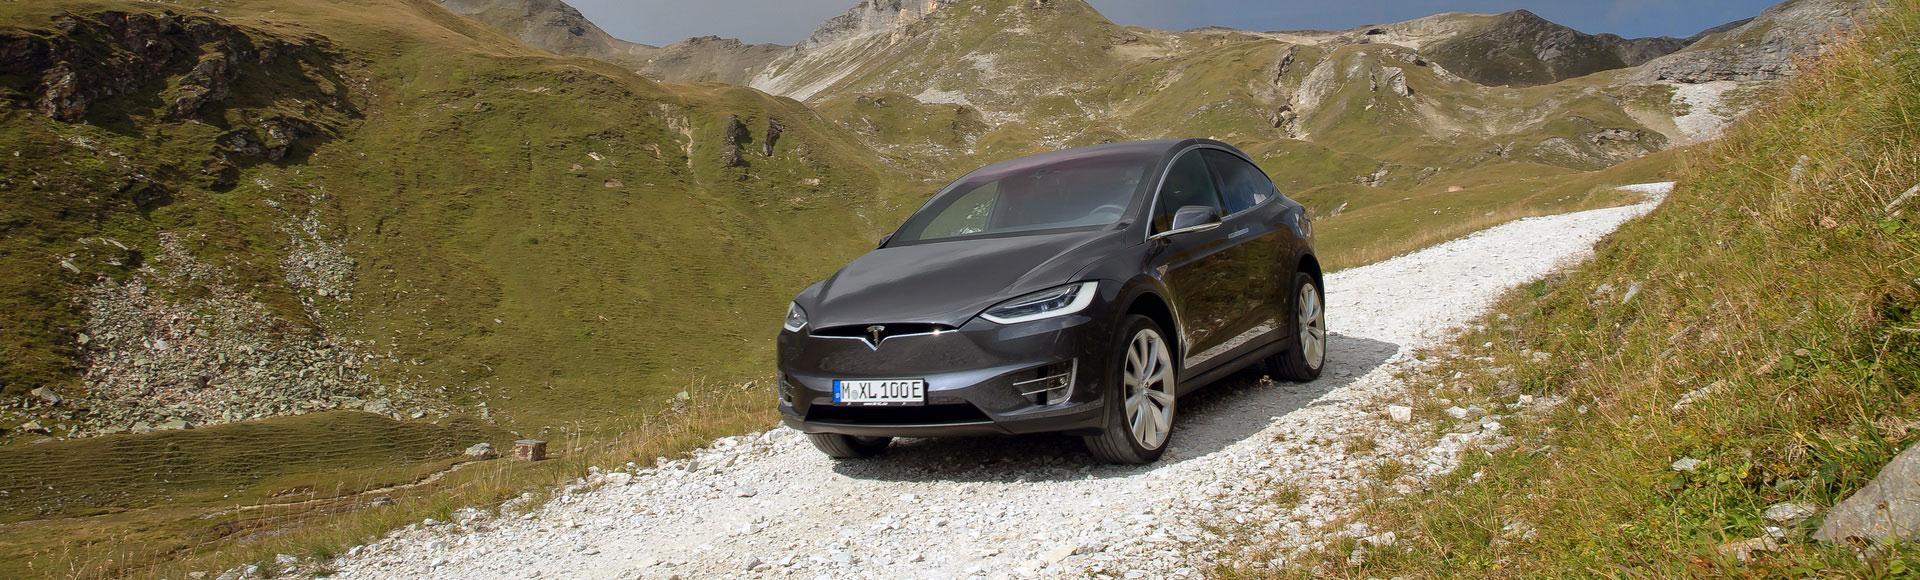 Tesla Model X 2016 288 Sommer Herbst